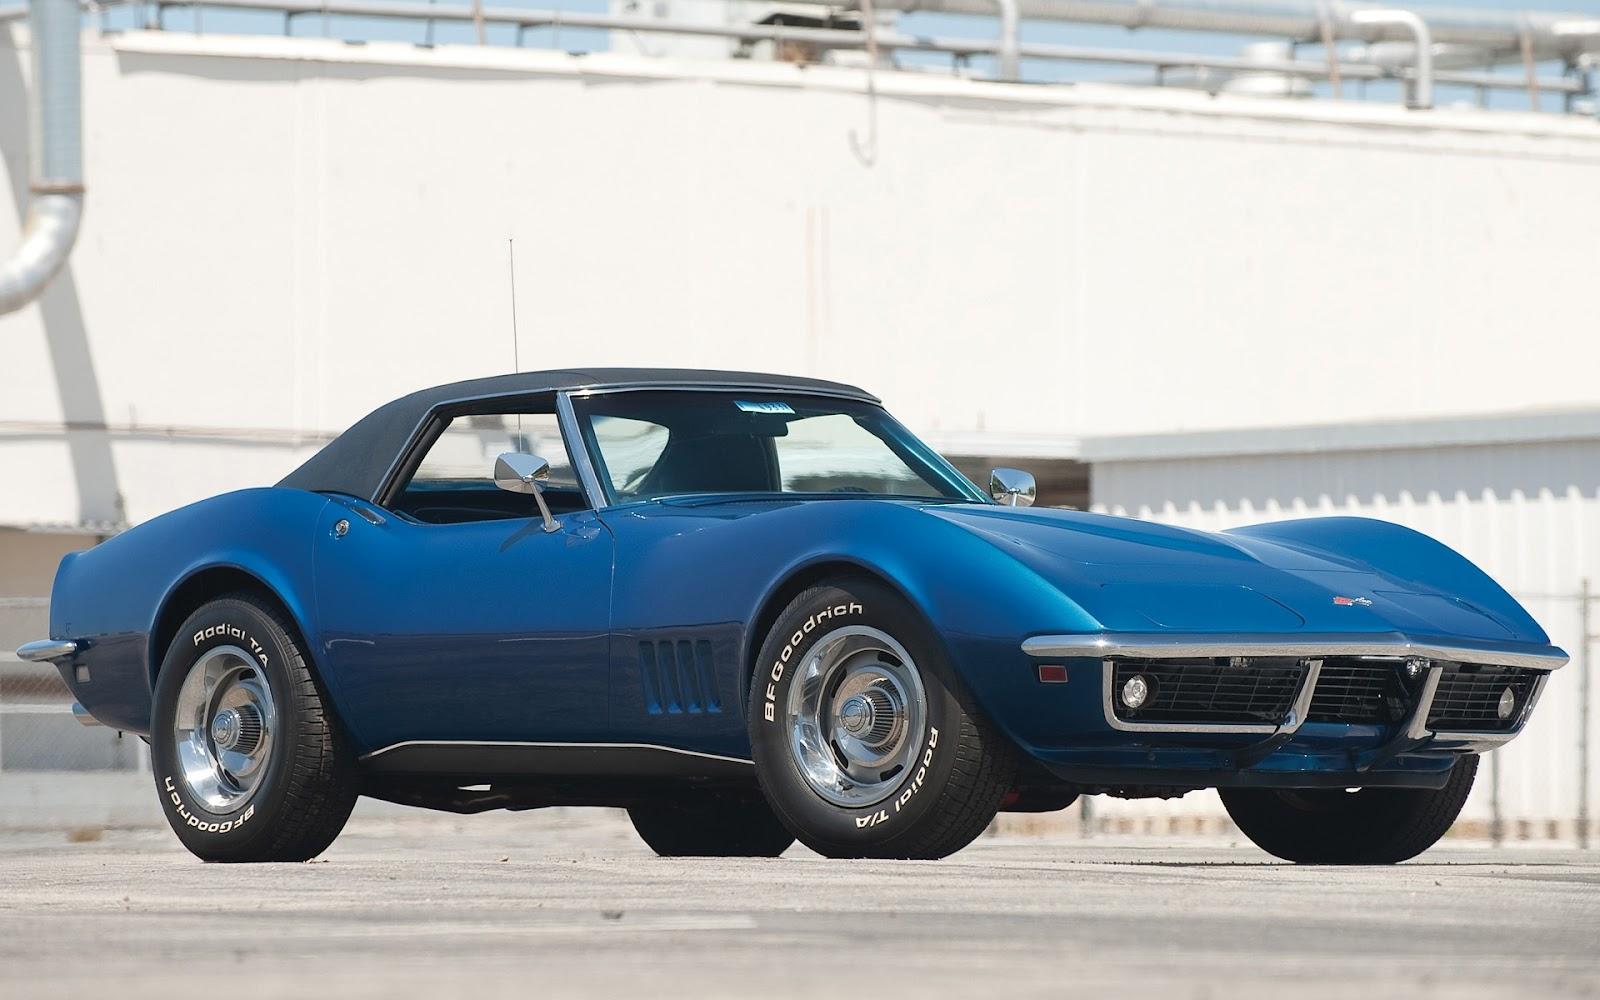 http://4.bp.blogspot.com/-XAA-YYJTm8g/T8OAb-Ks-YI/AAAAAAAAwrI/zEKoiwFQoSQ/s1600/Corvette+Convertible+1968.jpg